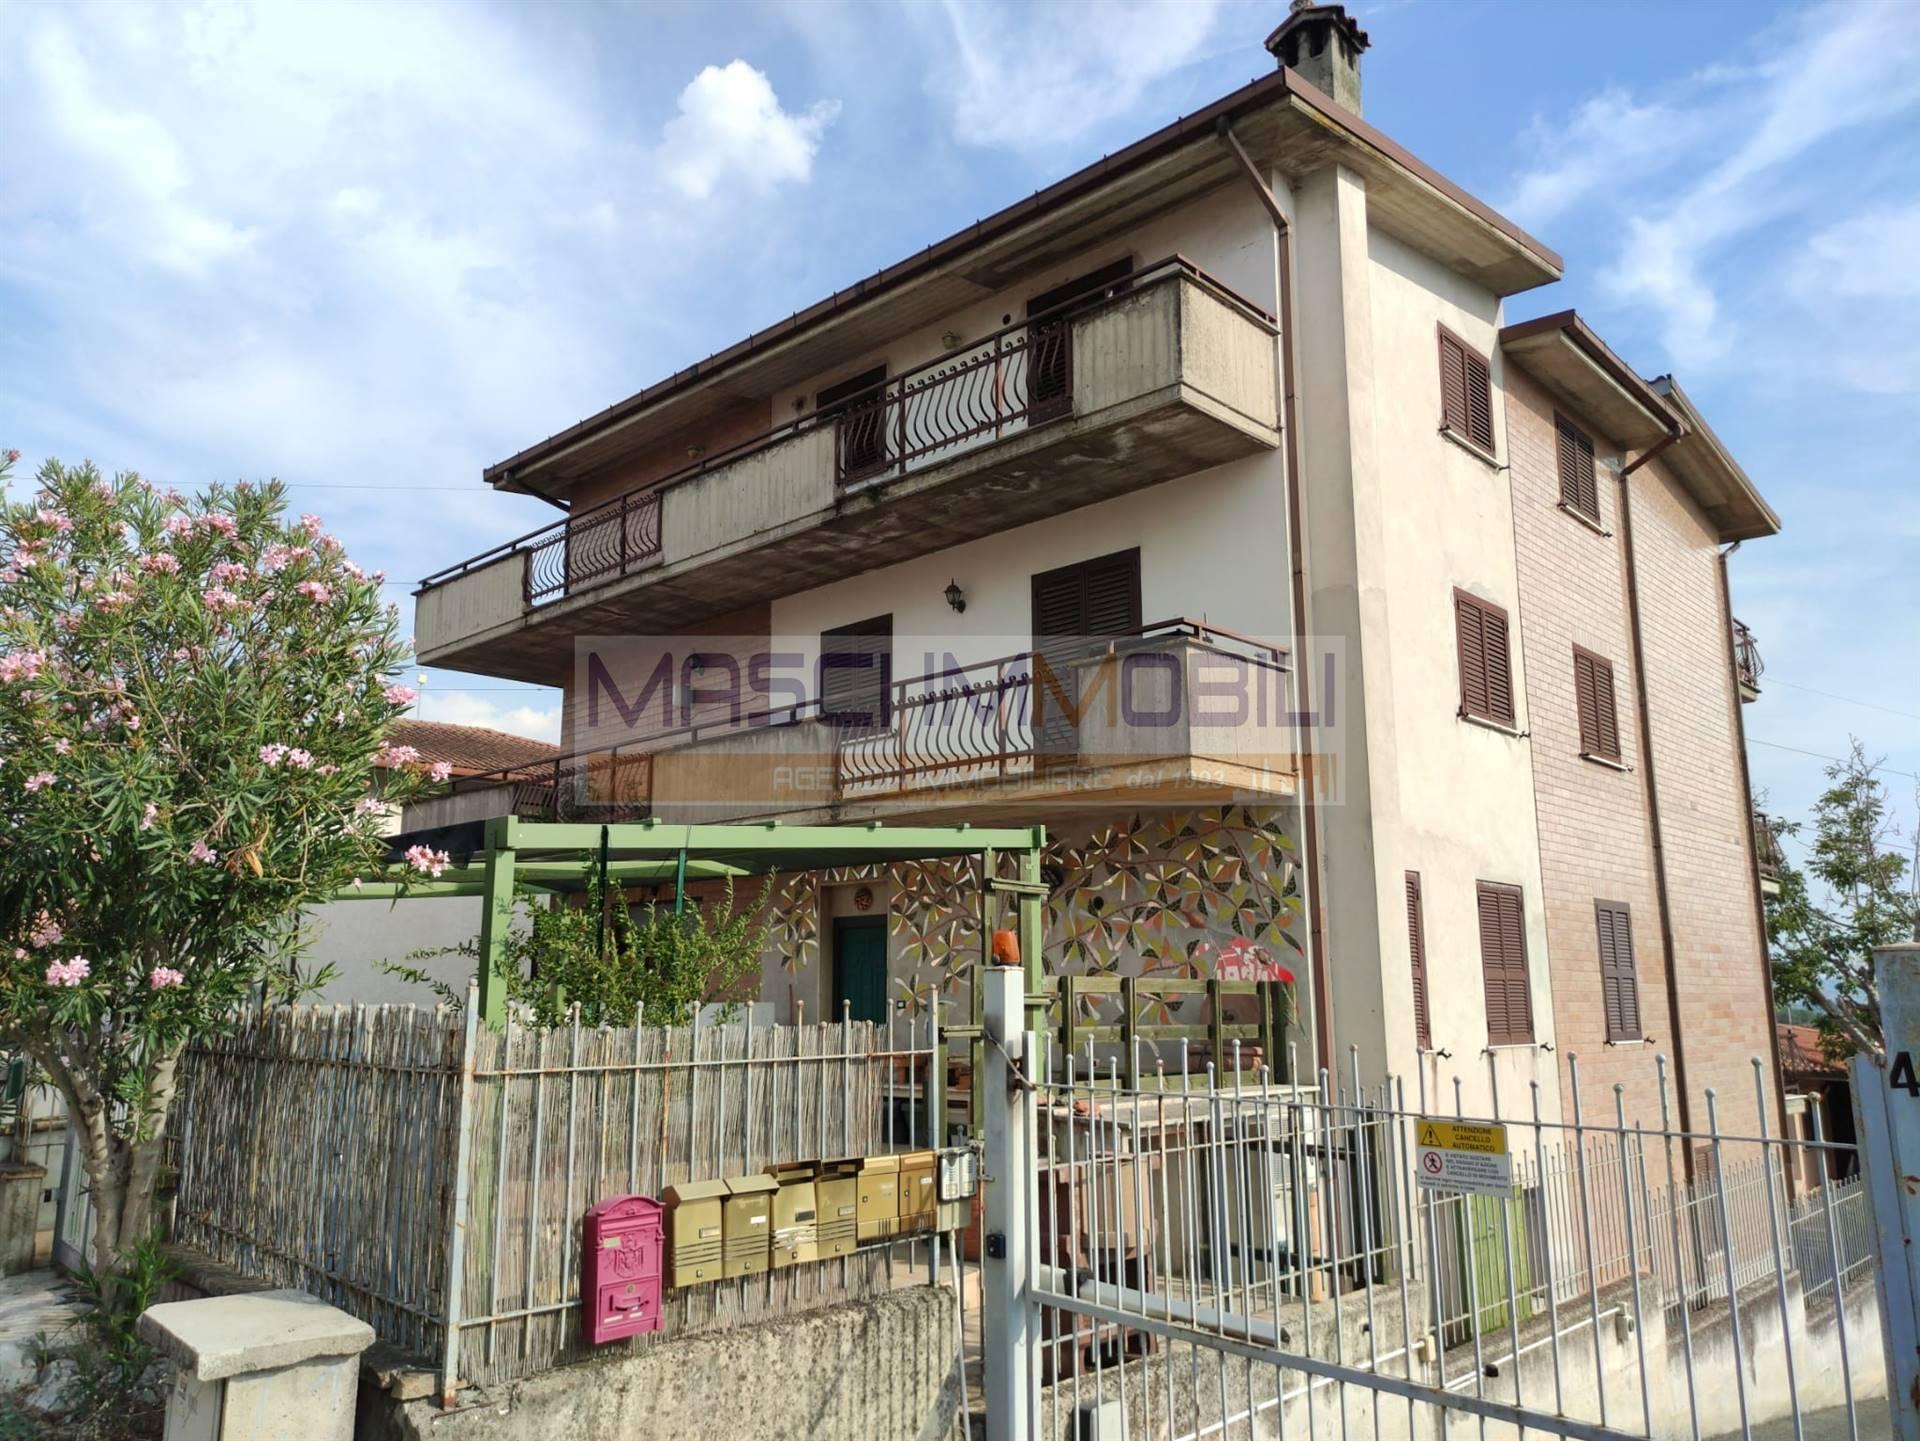 Appartamento in vendita a Capena, 3 locali, prezzo € 109.000 | CambioCasa.it